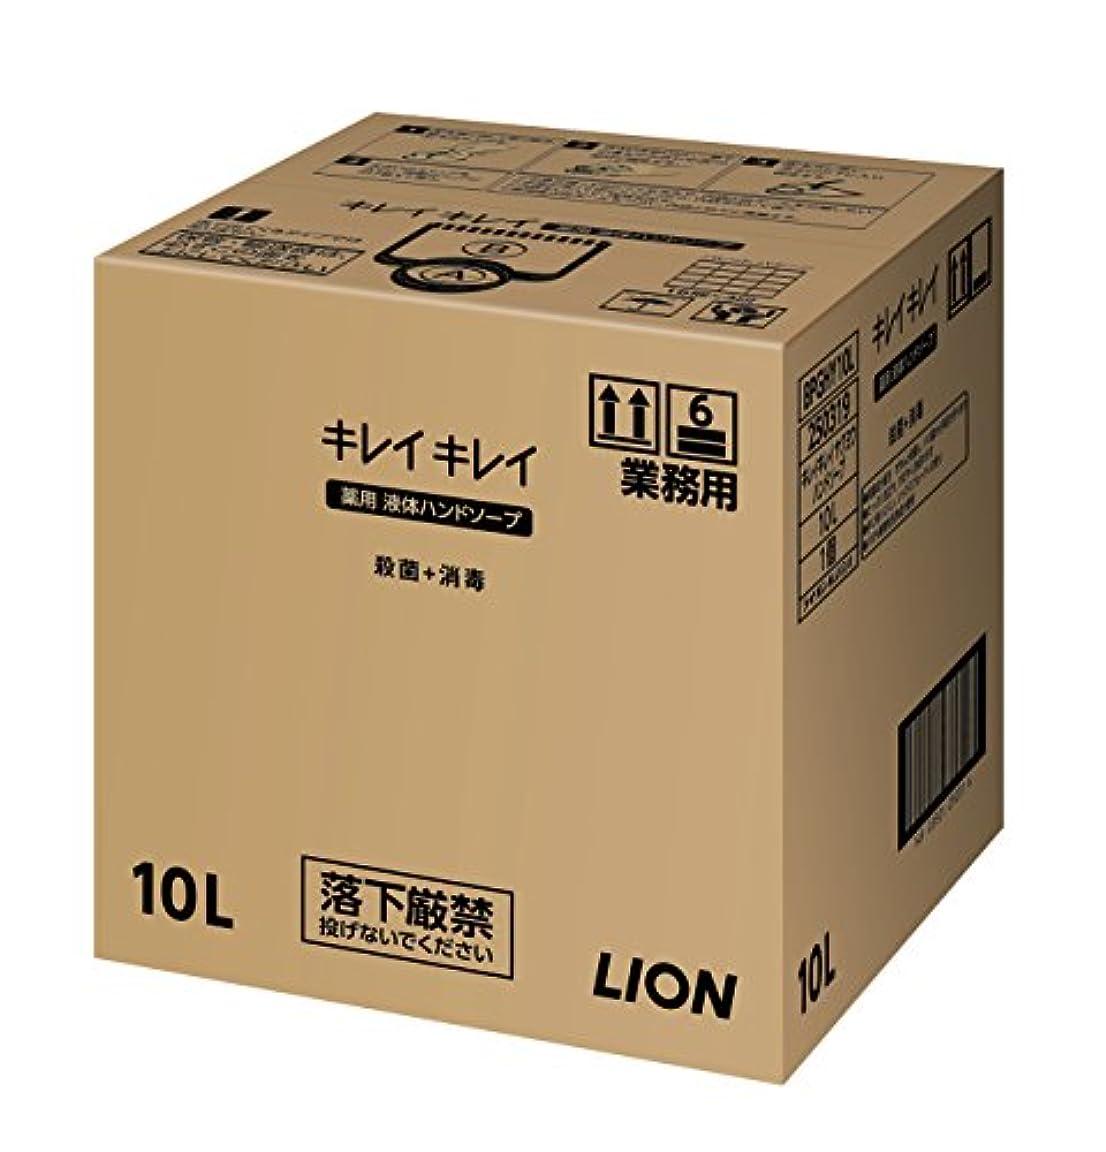 彫る修道院死傷者【大容量】キレイキレイ薬用ハンドソープ10L